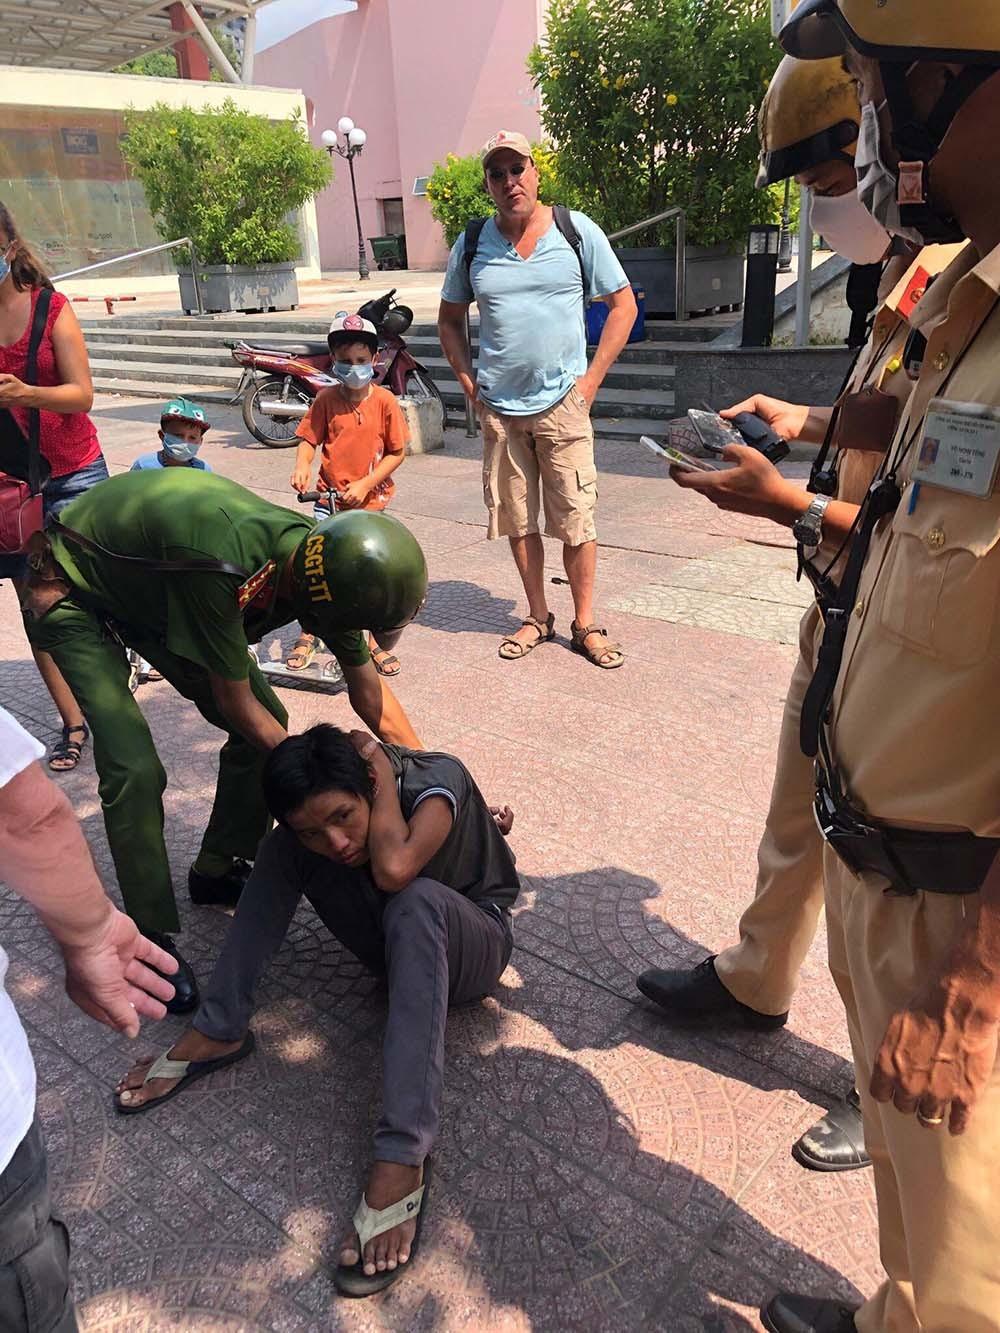 Tên cướp thiếu niên vung dao tấn công vợ chồng người Pháp ở trung tâm Sài Gòn